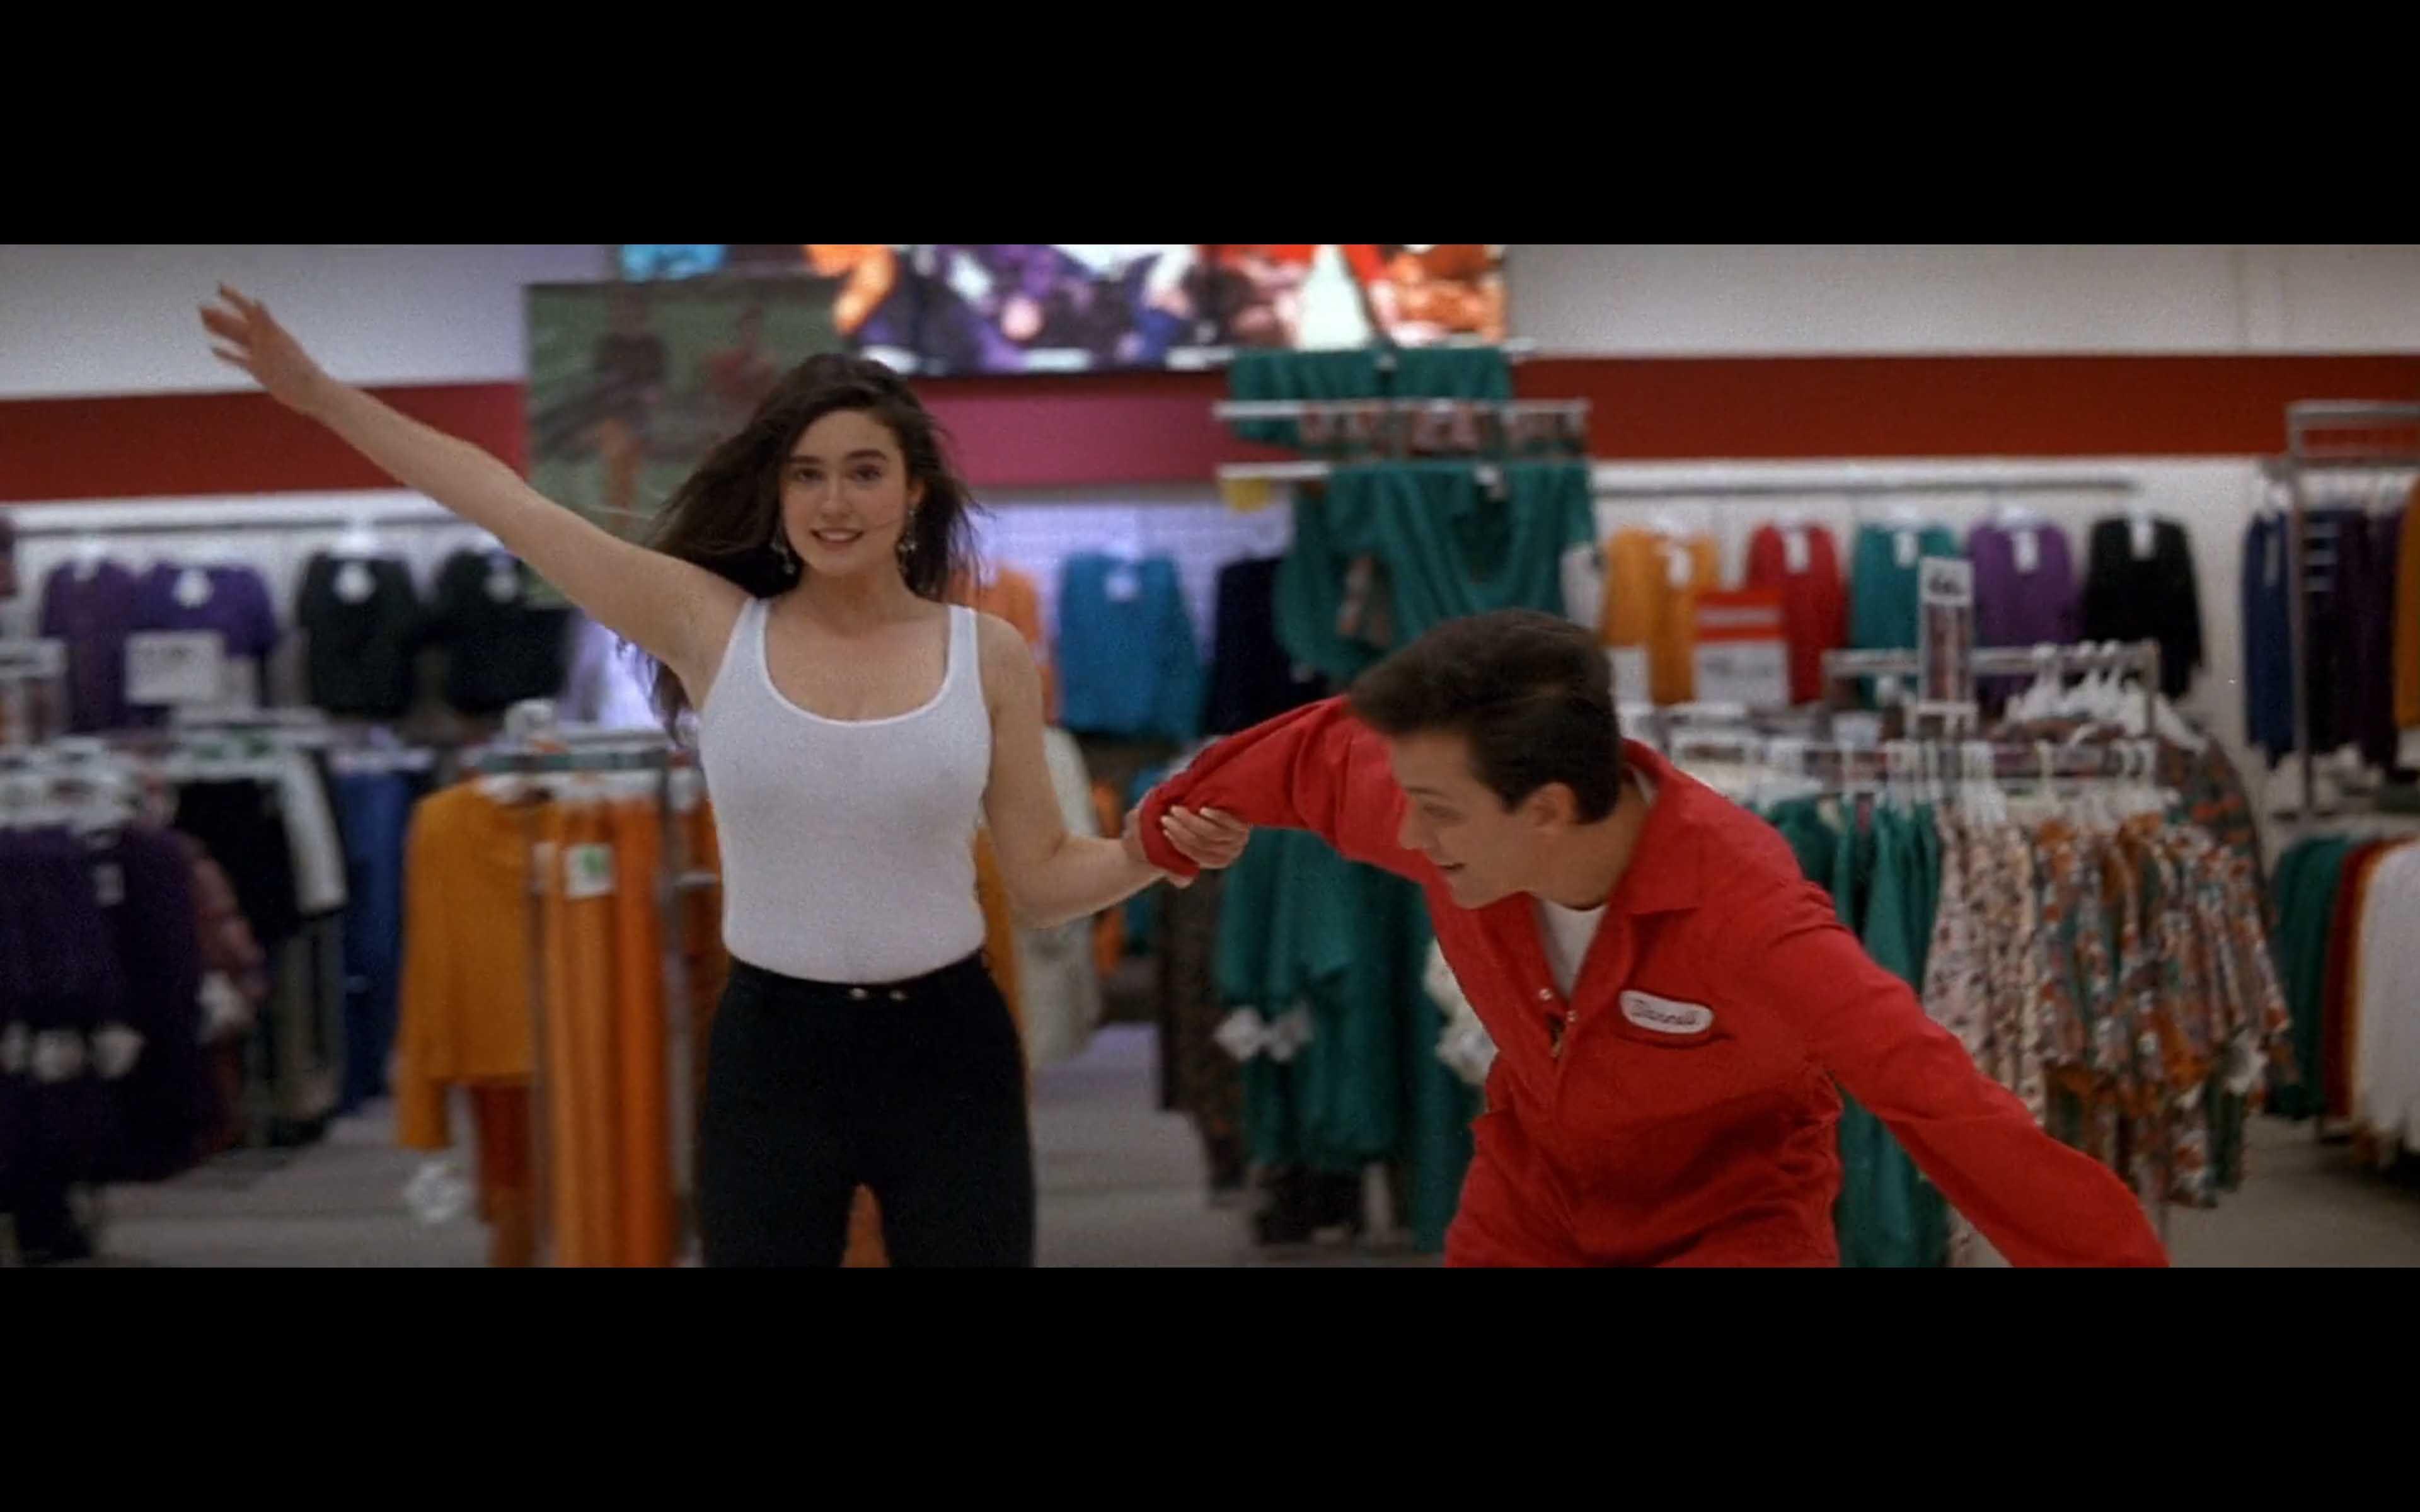 Career Opportunities 1991 Career Opportunities Movie Jennifer Connelly Film Inspiration